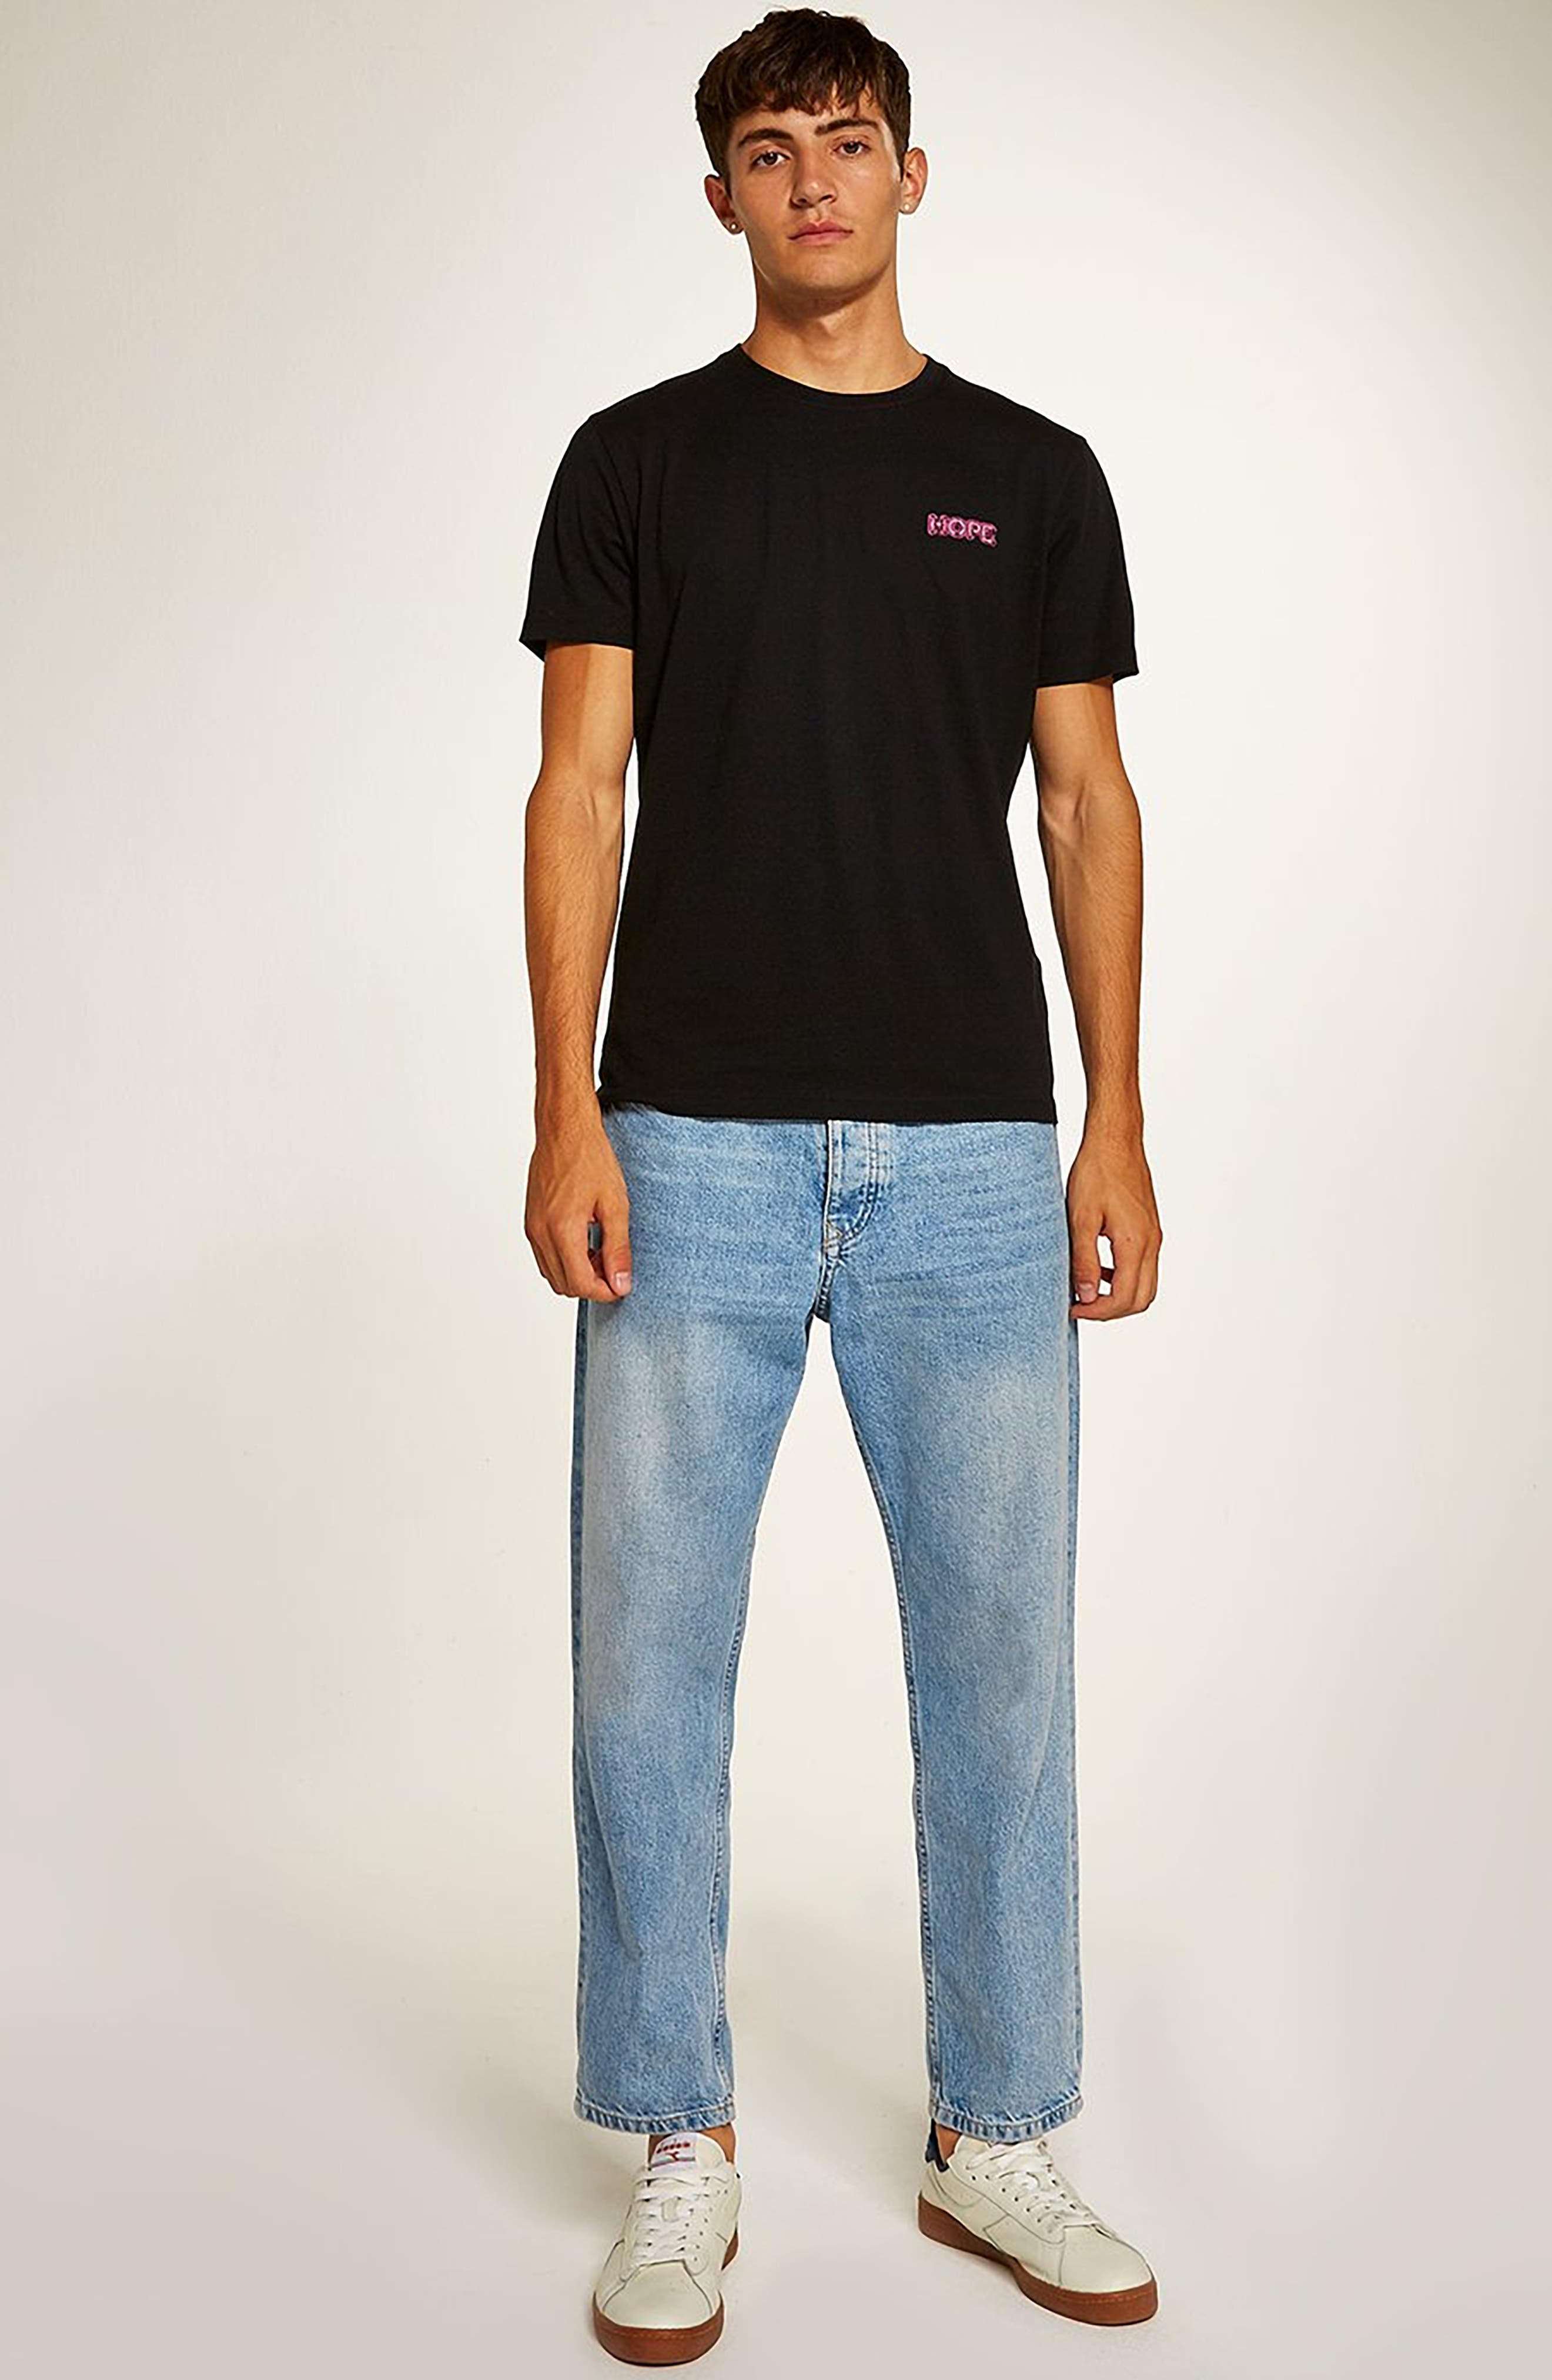 Still Hope Classic Fit T-Shirt,                             Alternate thumbnail 5, color,                             BLACK MULTI